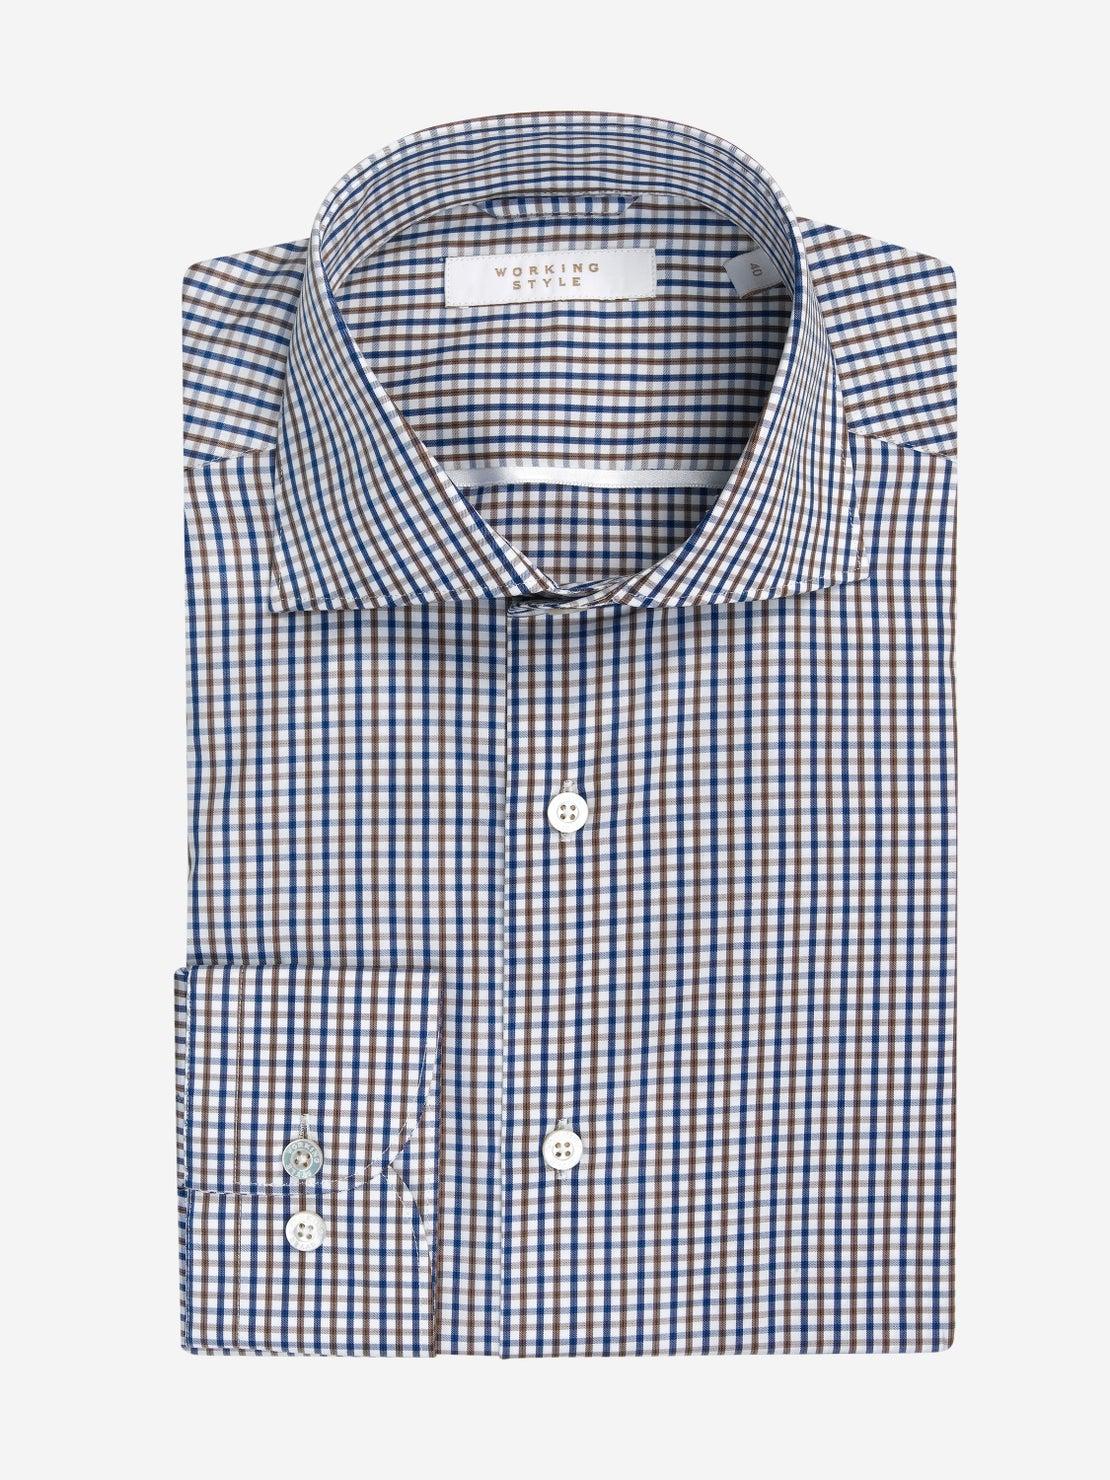 Choc, Navy & White Check Shirt